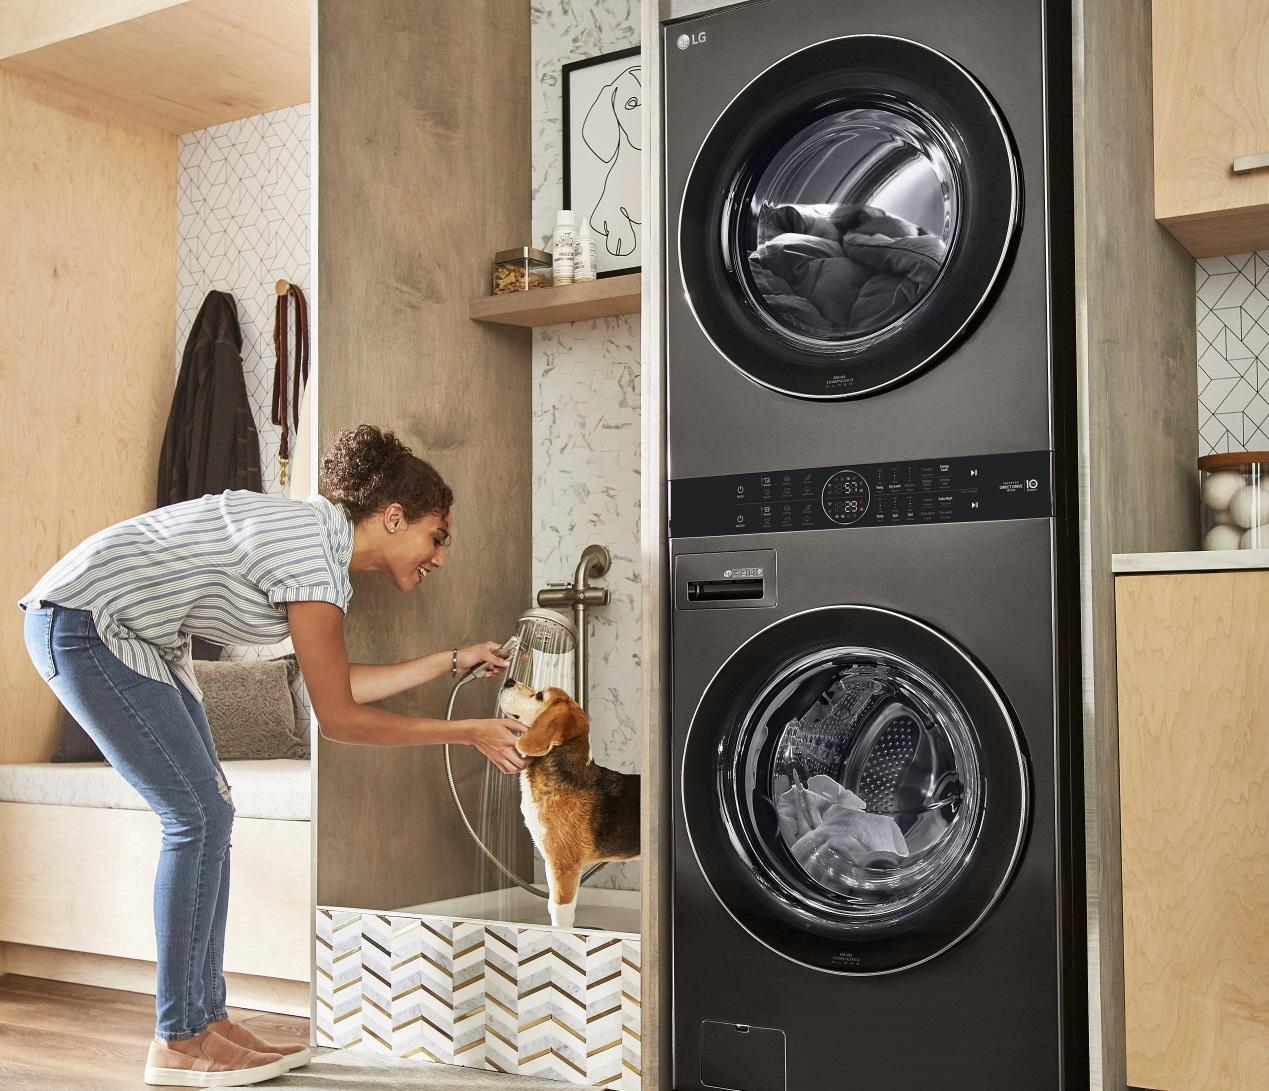 Το LG WashTower θέτει νέες προσδοκίες για απόδοση και άνεση στην πλύση